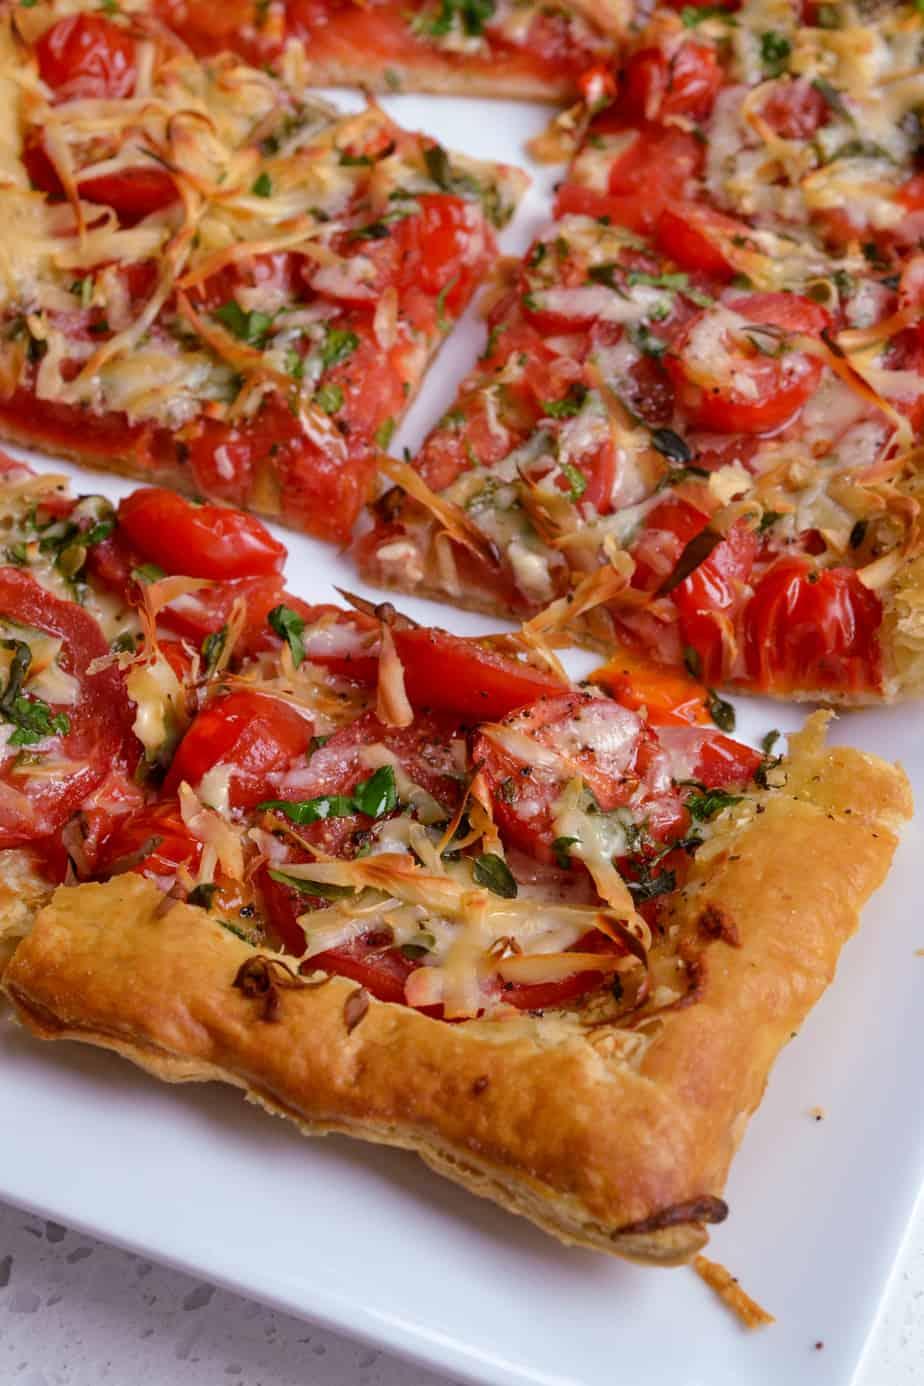 Fresh tomato tart appetizer slices on a platter.